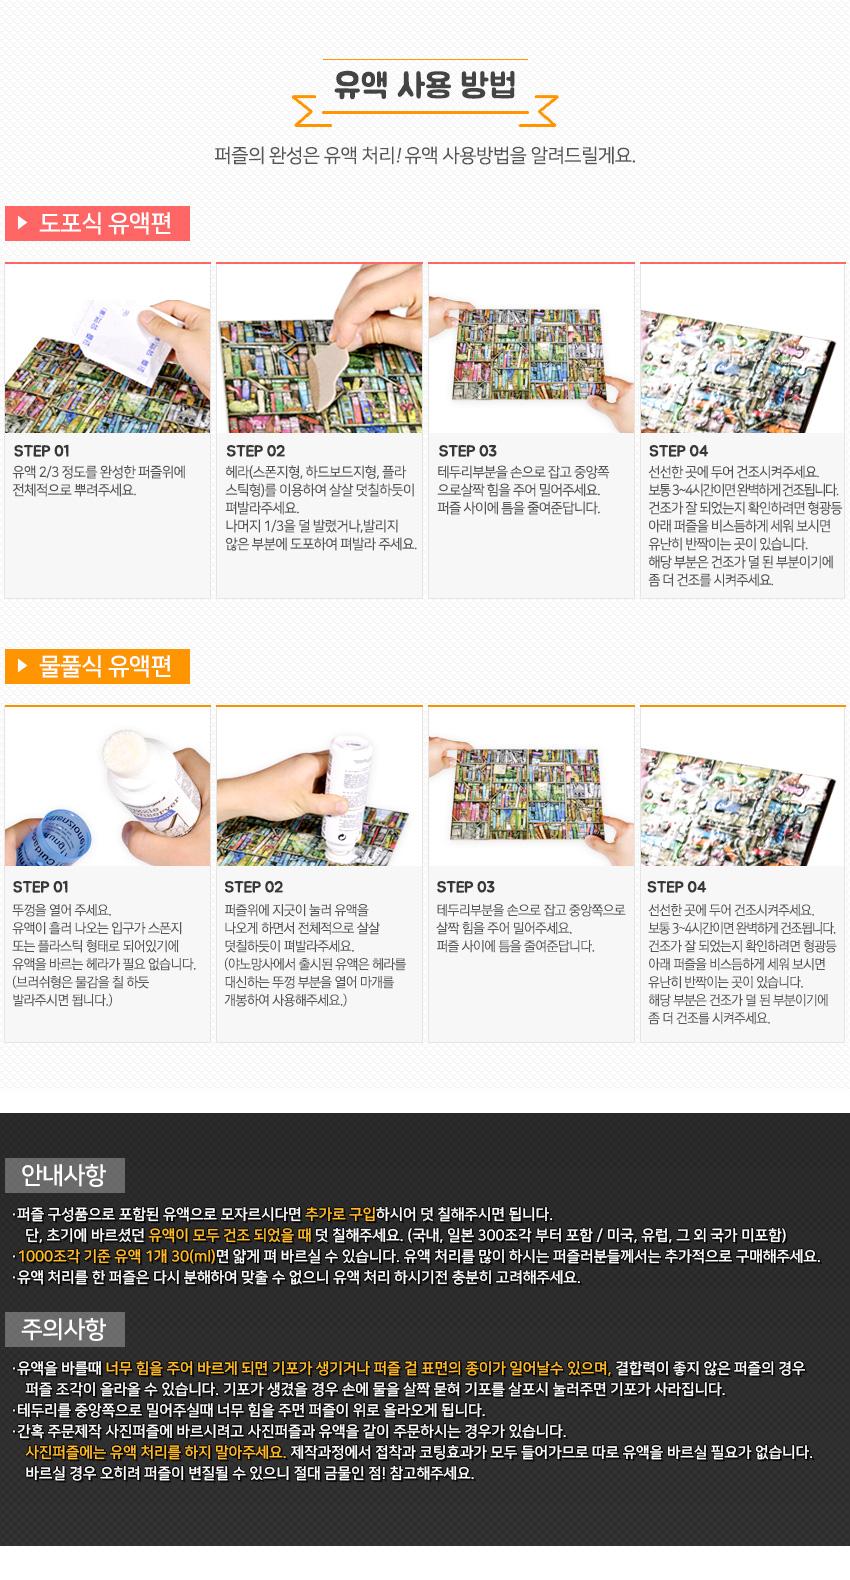 직소퍼즐 퍼즐유액 - JM유통 JM-G-30 (유광) - 퍼즐사랑, 1,000원, 조각/퍼즐, 풍경 직소퍼즐